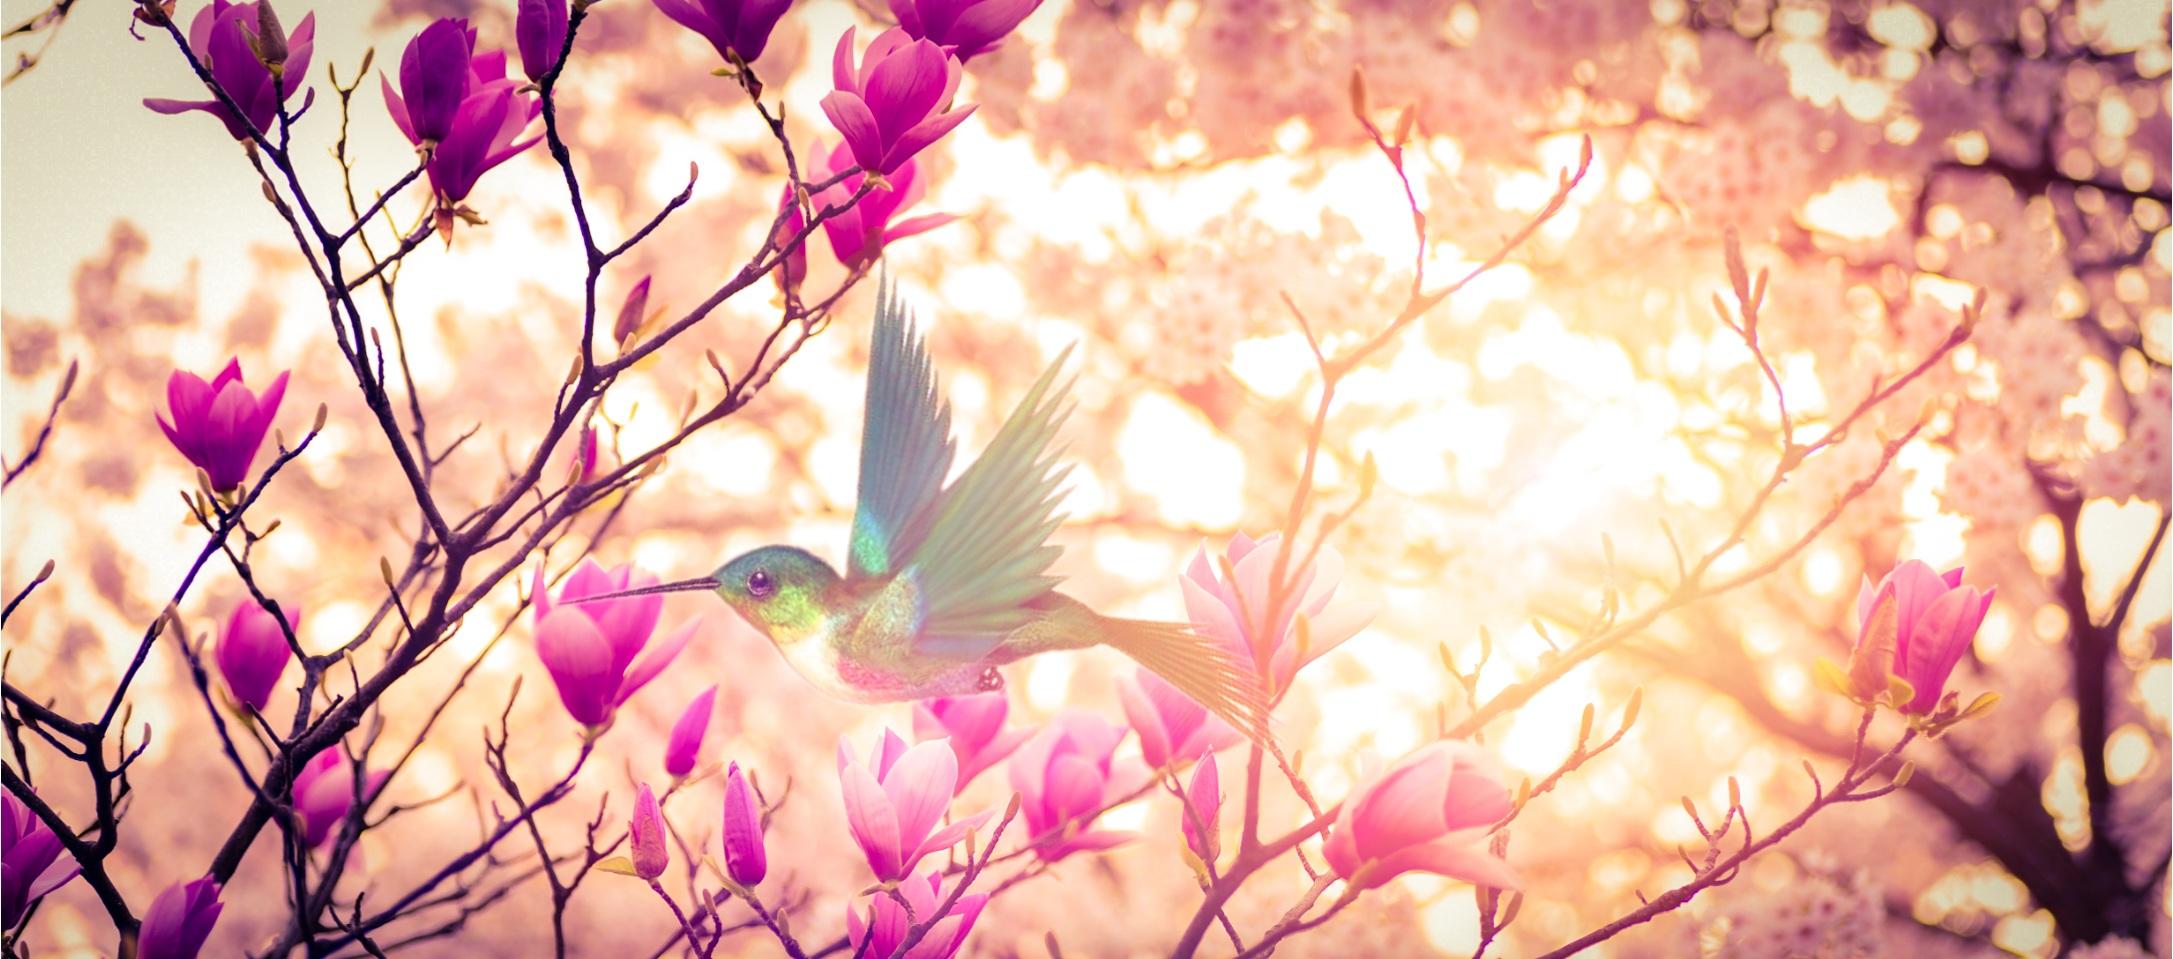 Free Images Rose Natur Landscape Spring Flowers Natural Bird